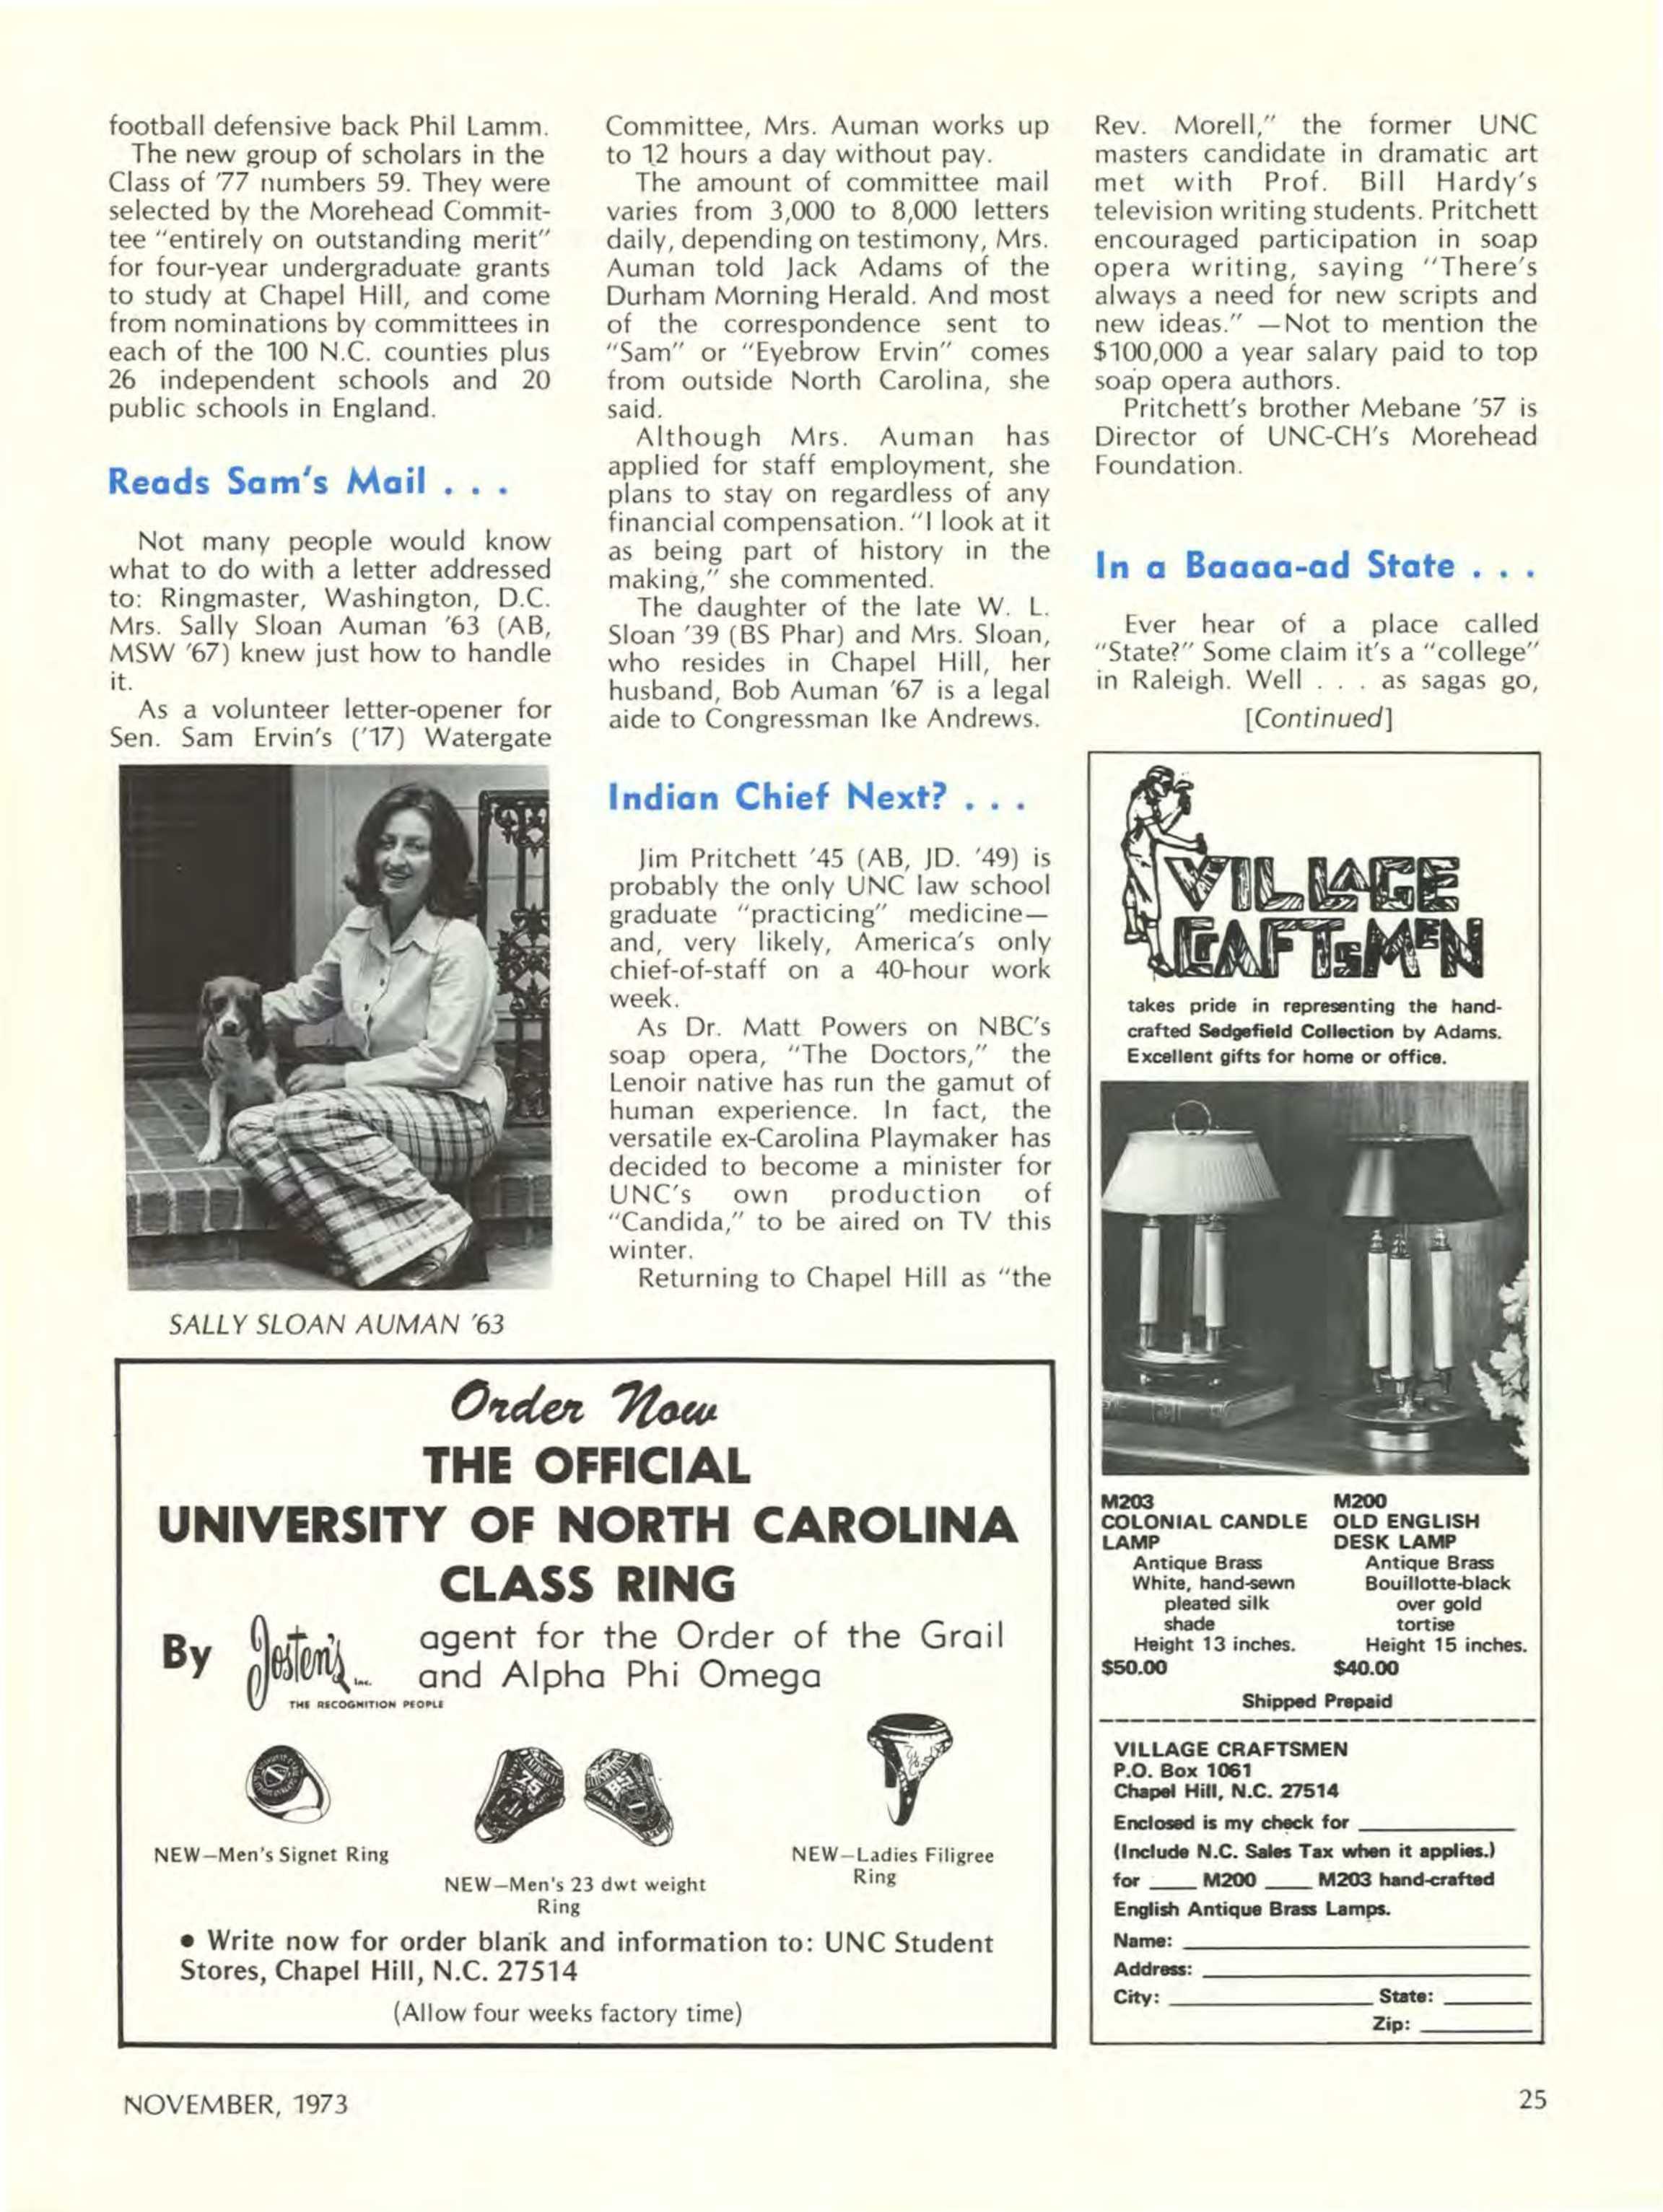 Carolina Alumni Review - November 1973 - page 25